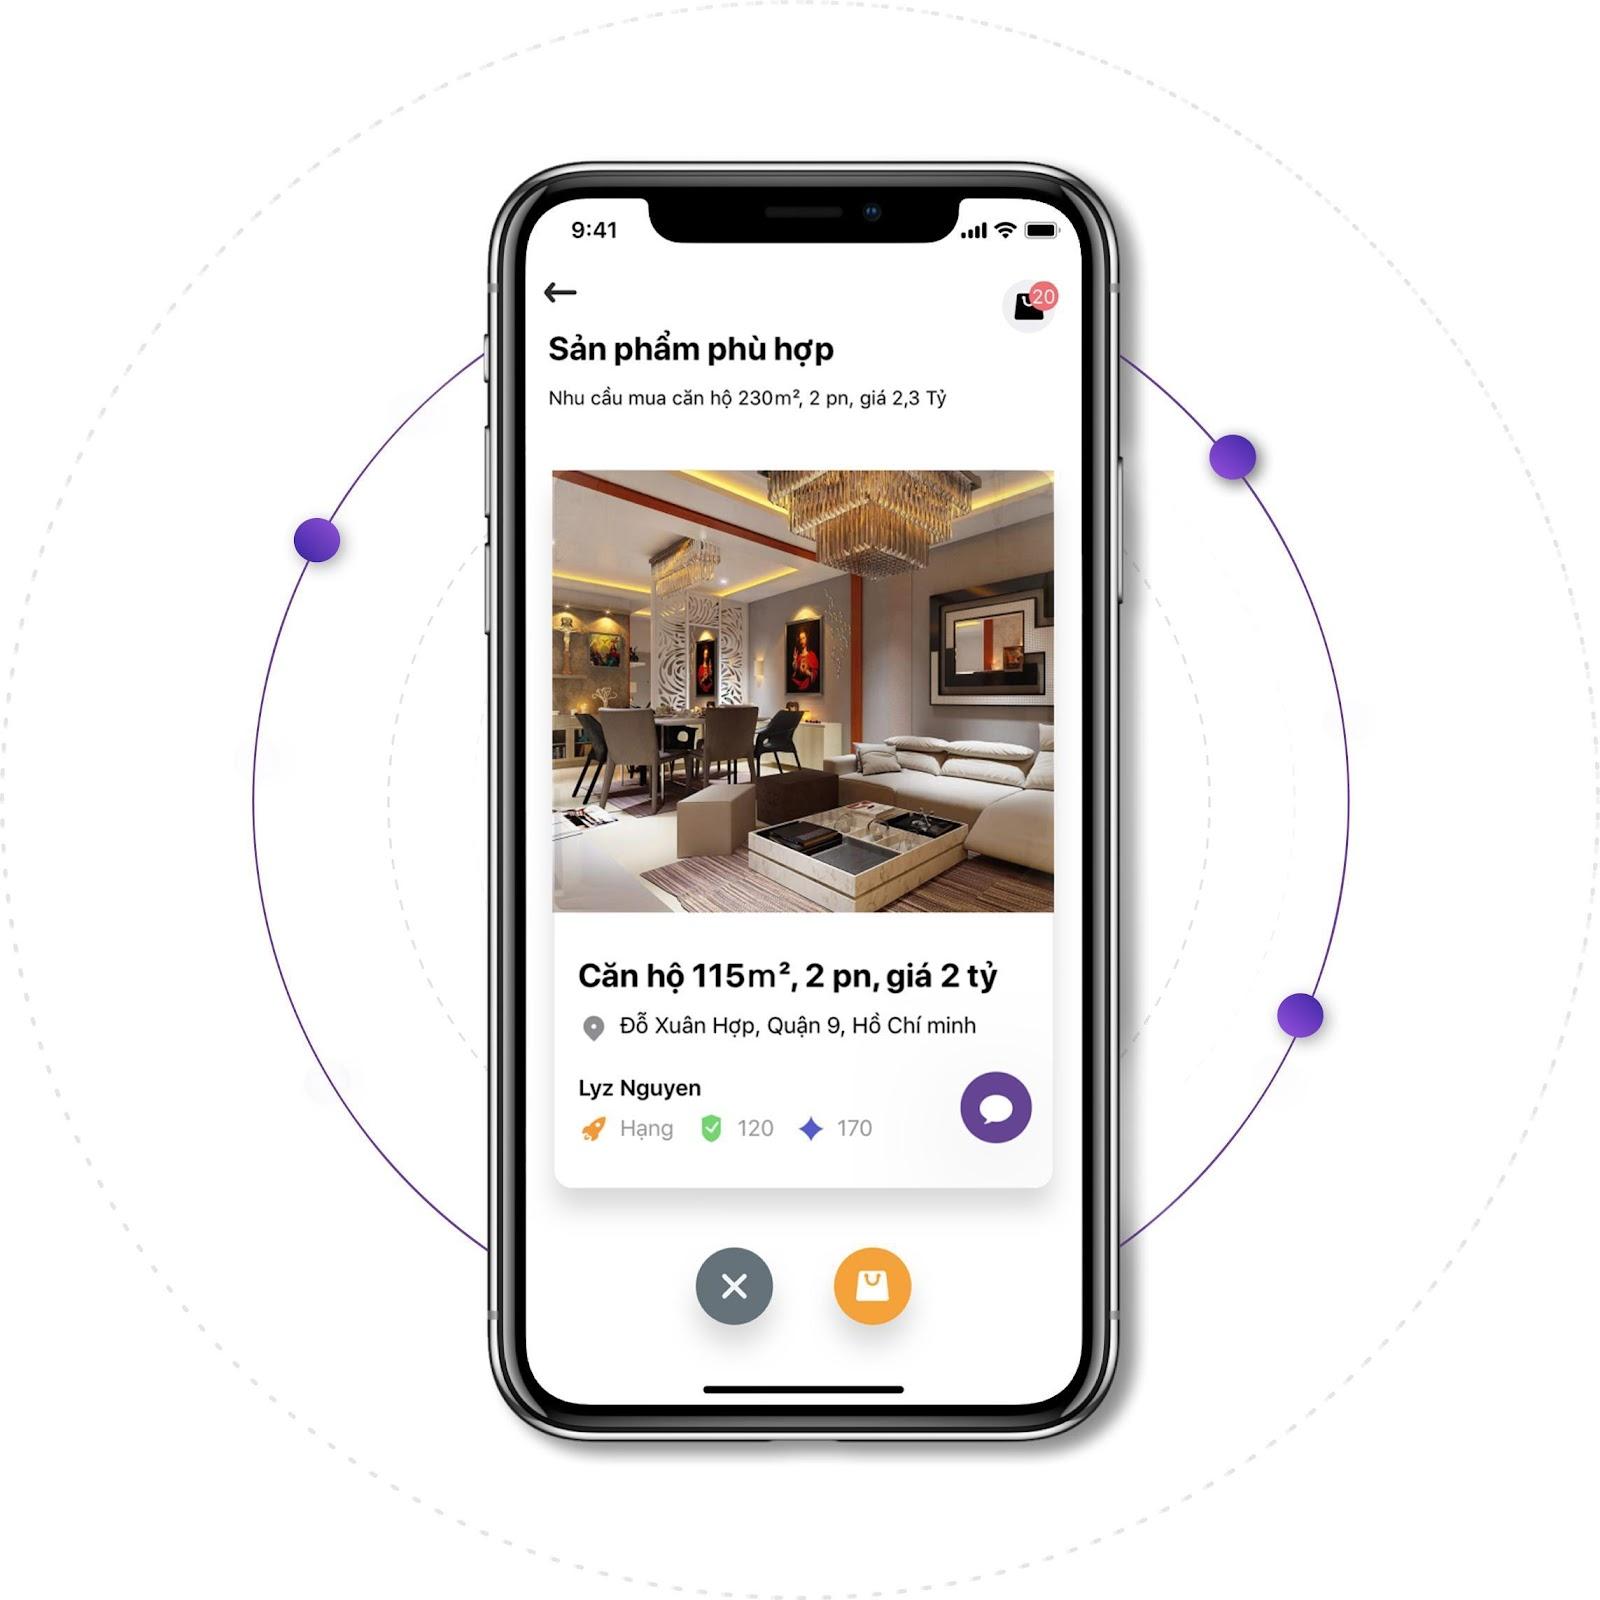 Xu hướng giao dịch bất động sản thông quan app mobile ngày càng phổ biến